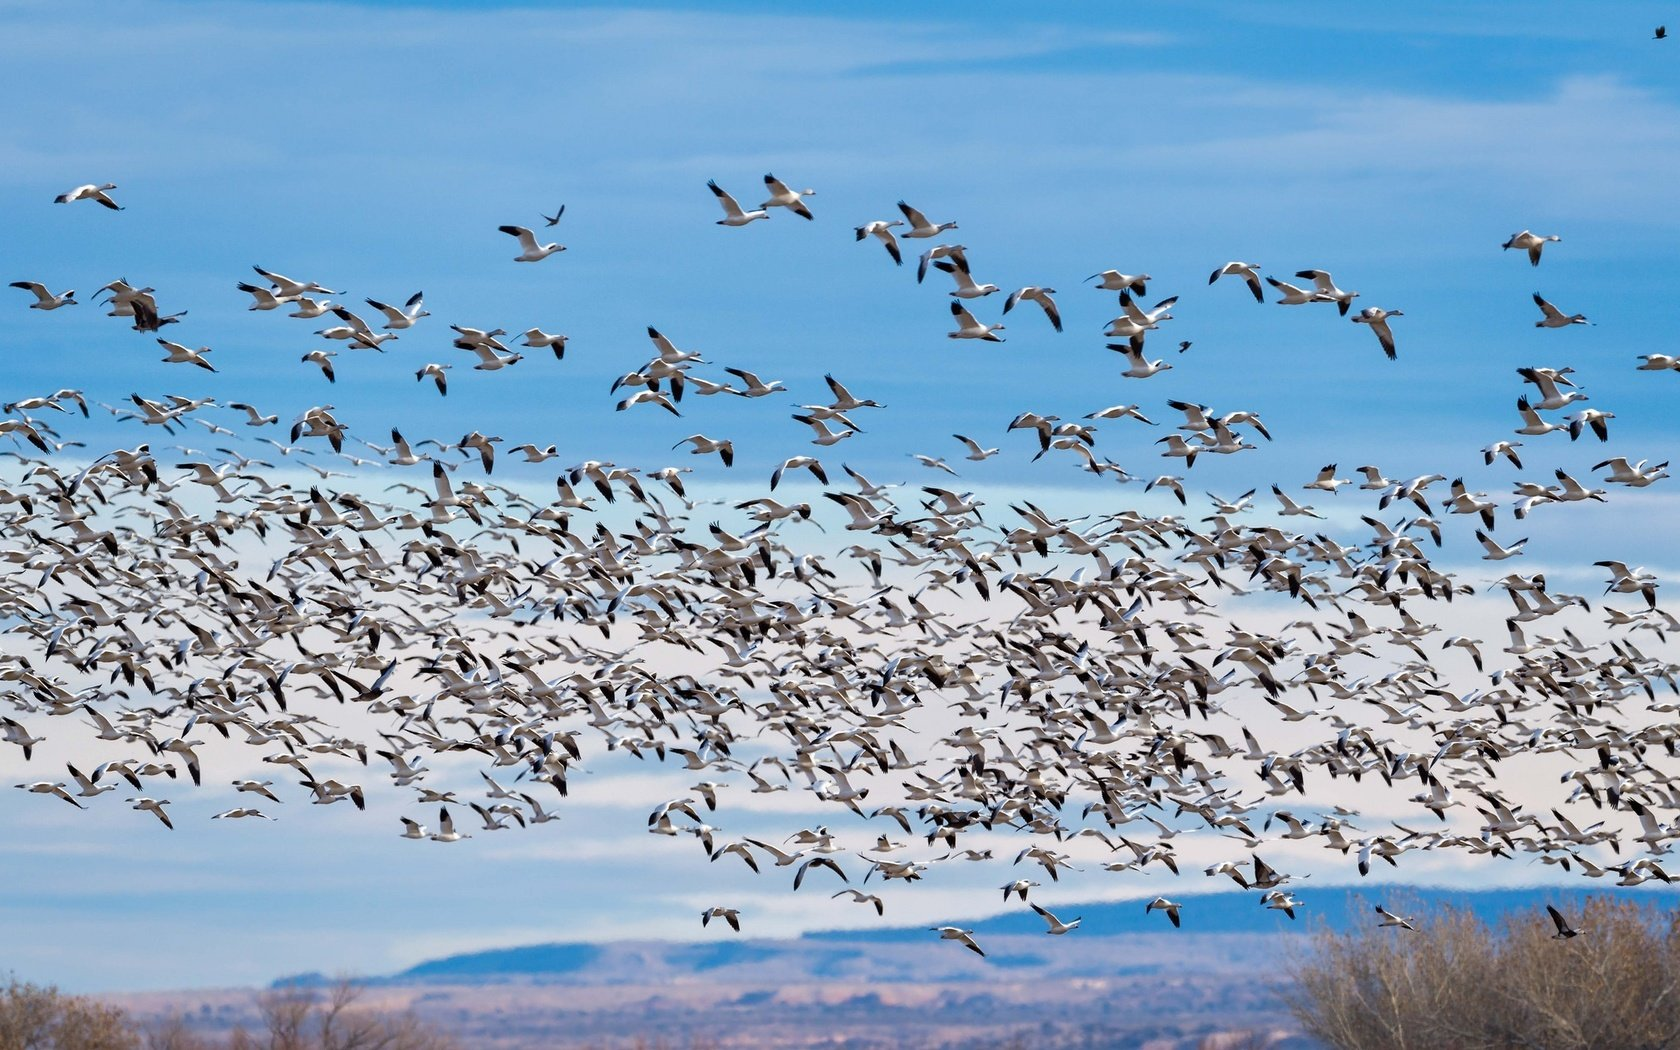 станнерс твистис к чему снится стая птиц над головой голос взрослого: